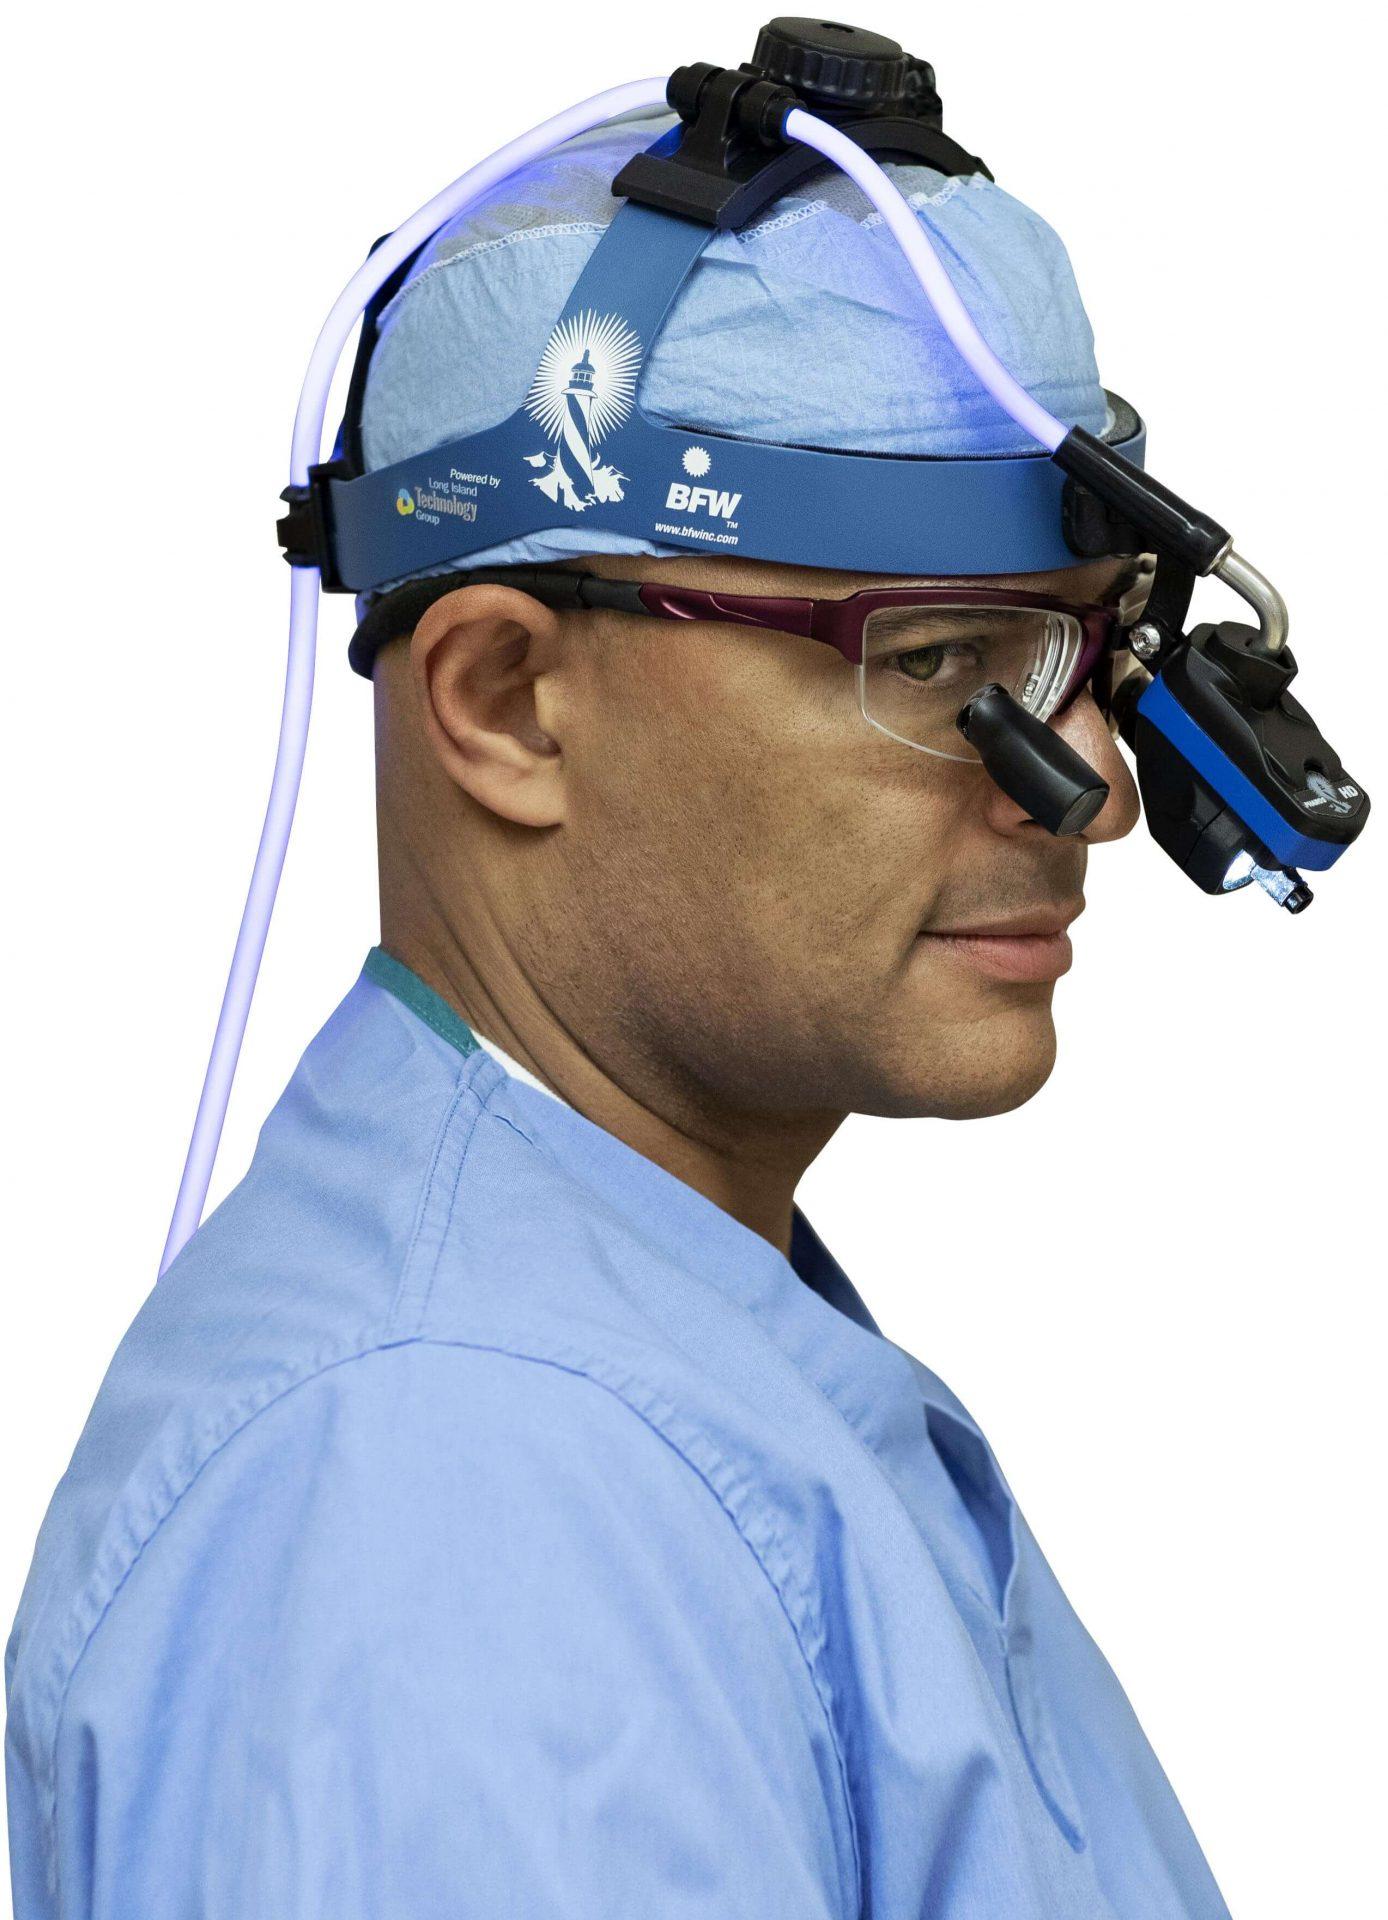 Pharos HD Surgical Camera